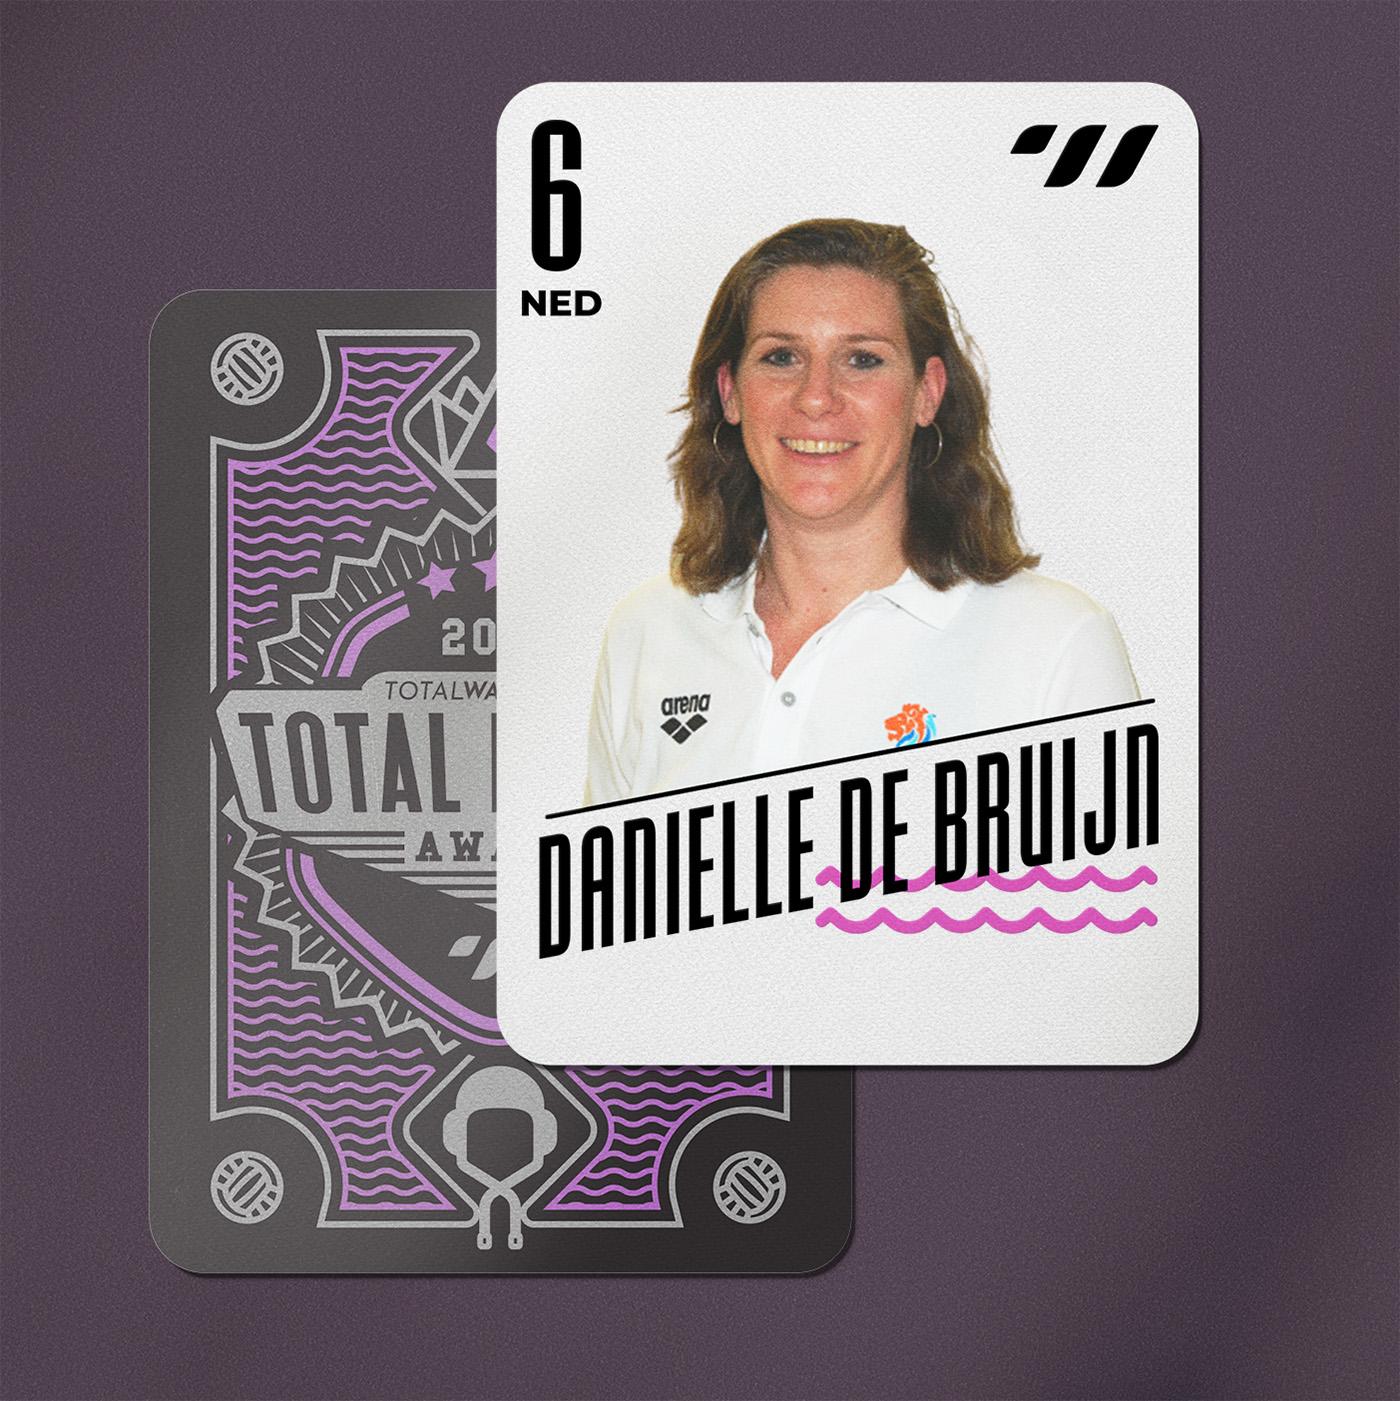 Danielle de Bruijn